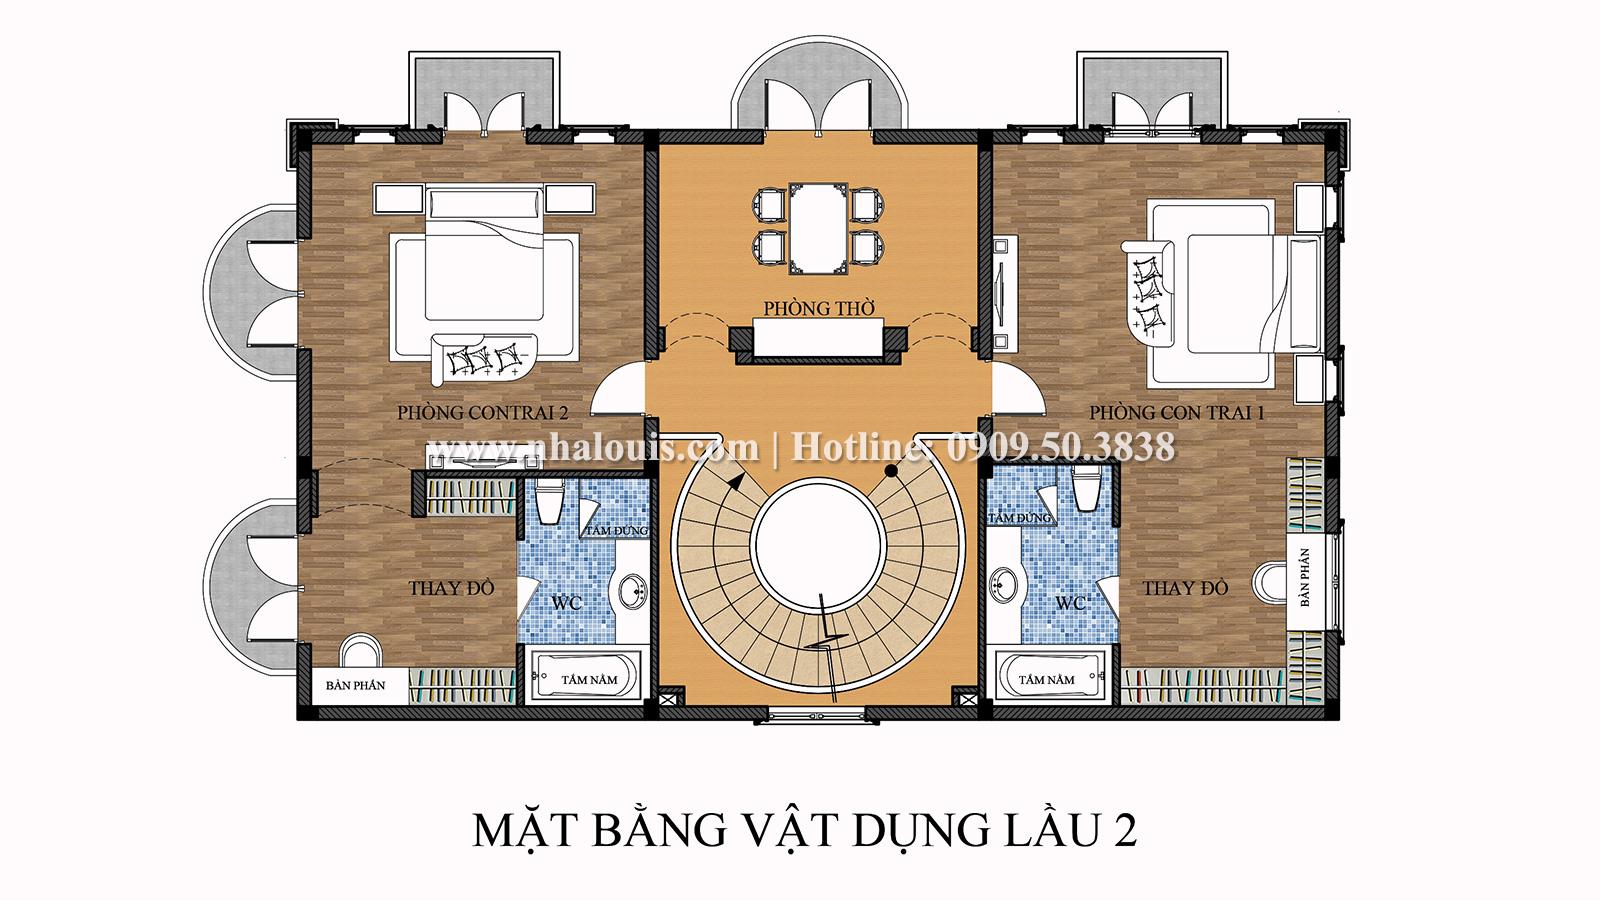 Mặt bằng tầng 2 Mẫu biệt thự 4 tầng phong cách tân cổ điển nổi bật tại Thanh Hóa - 07